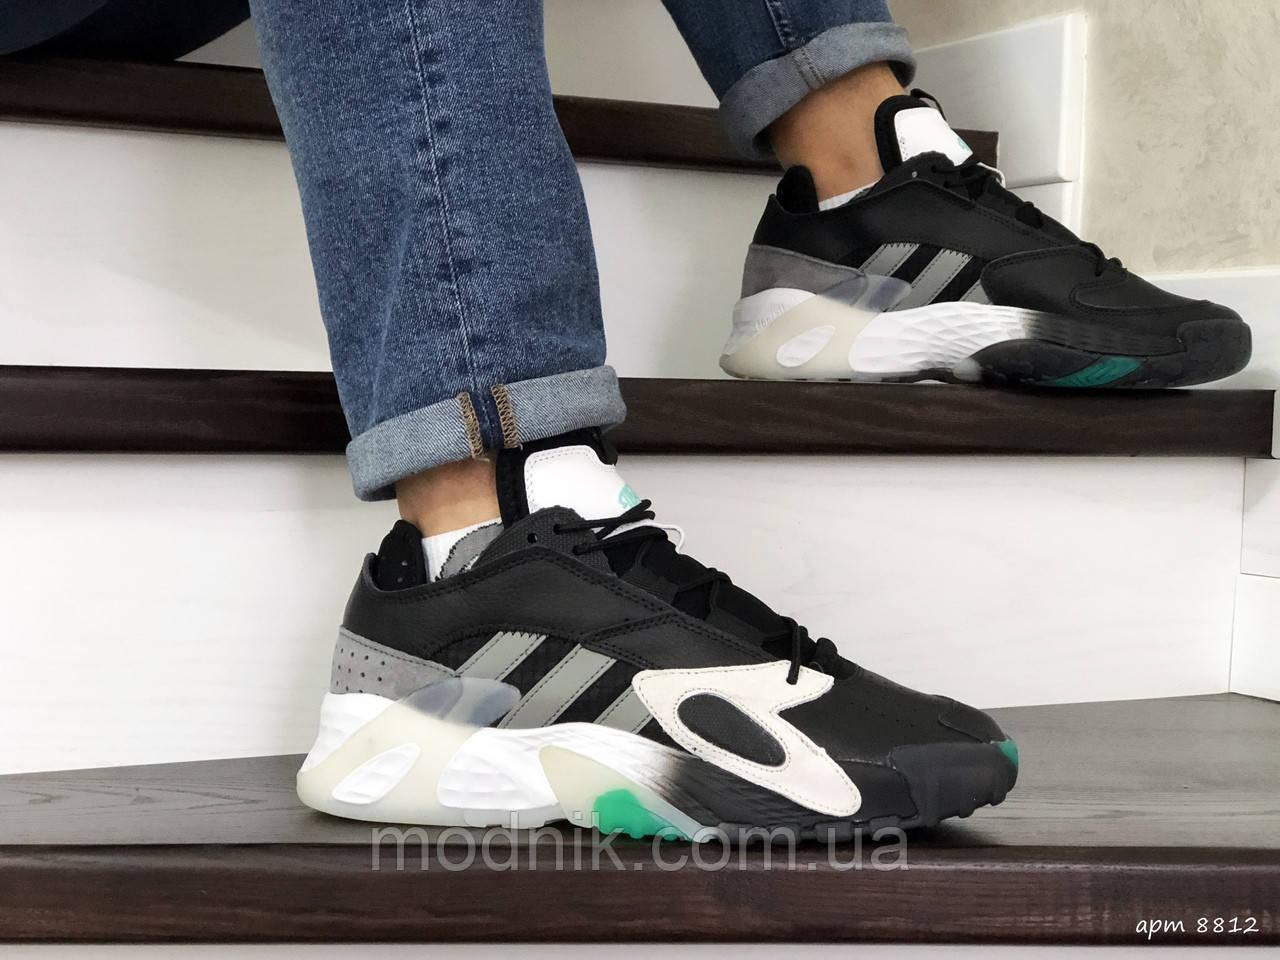 Мужские кроссовки Adidas Streetball (черно-серые)